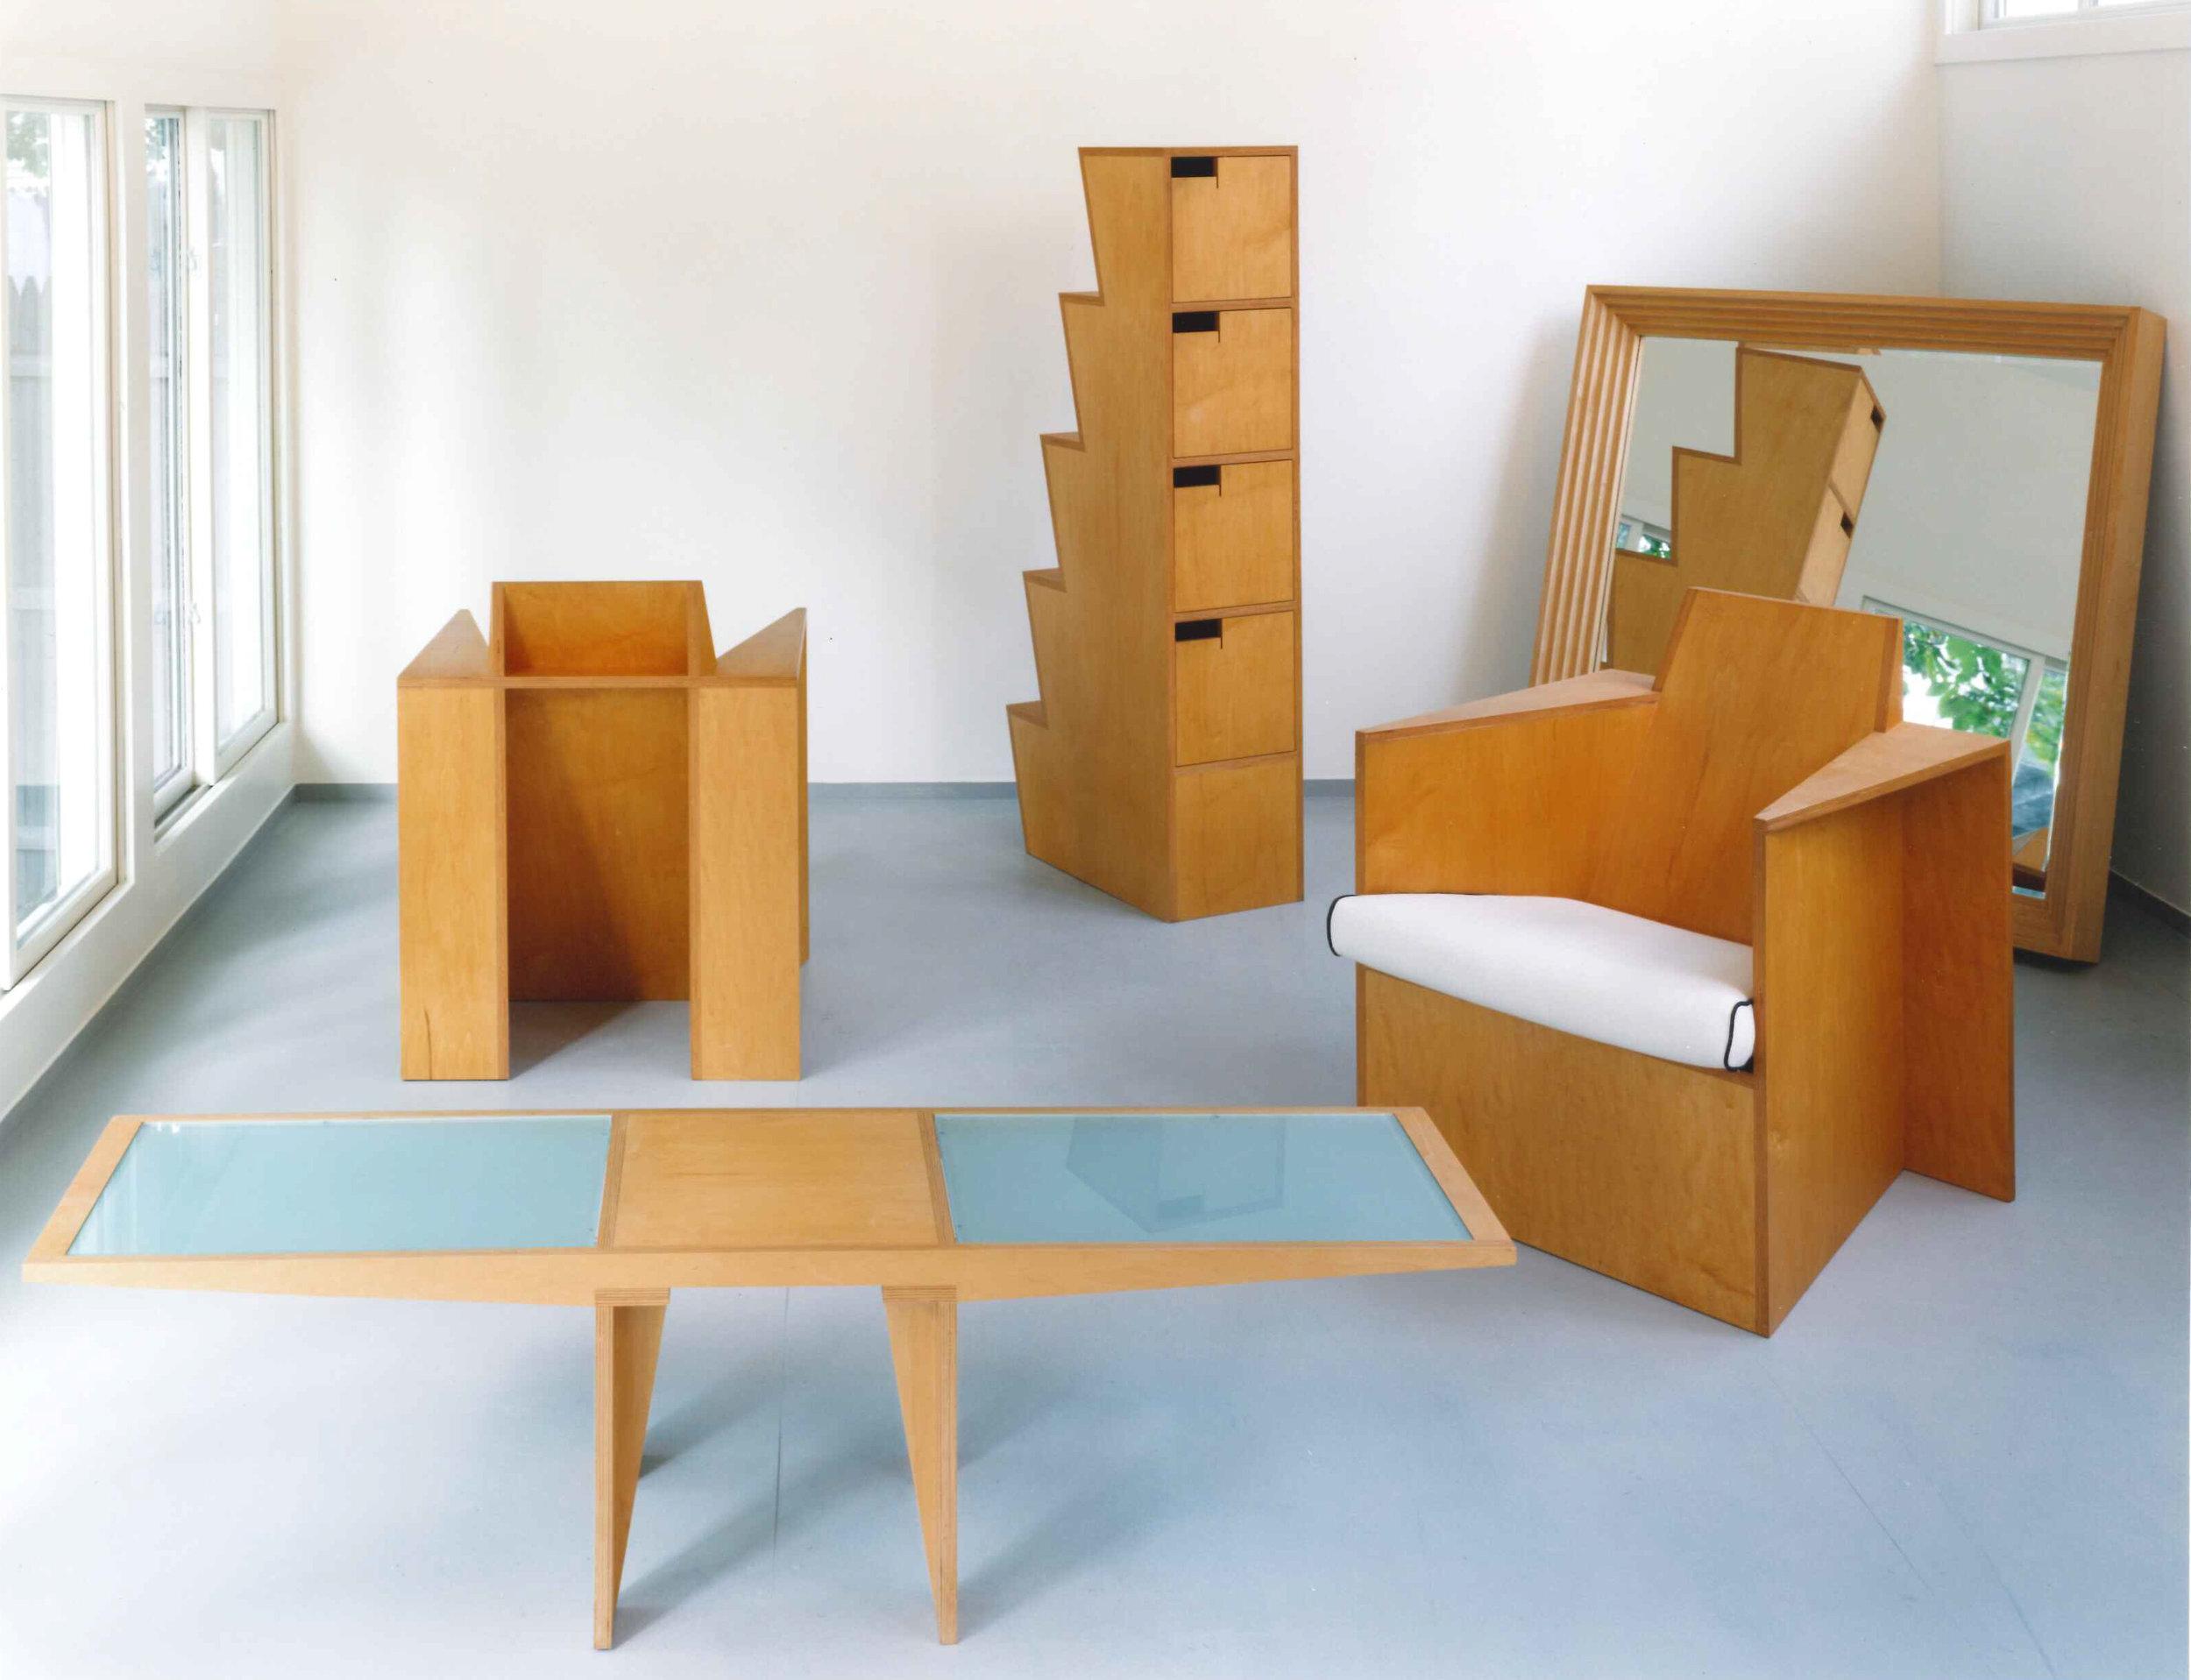 Furniture Glyph 1a.jpg